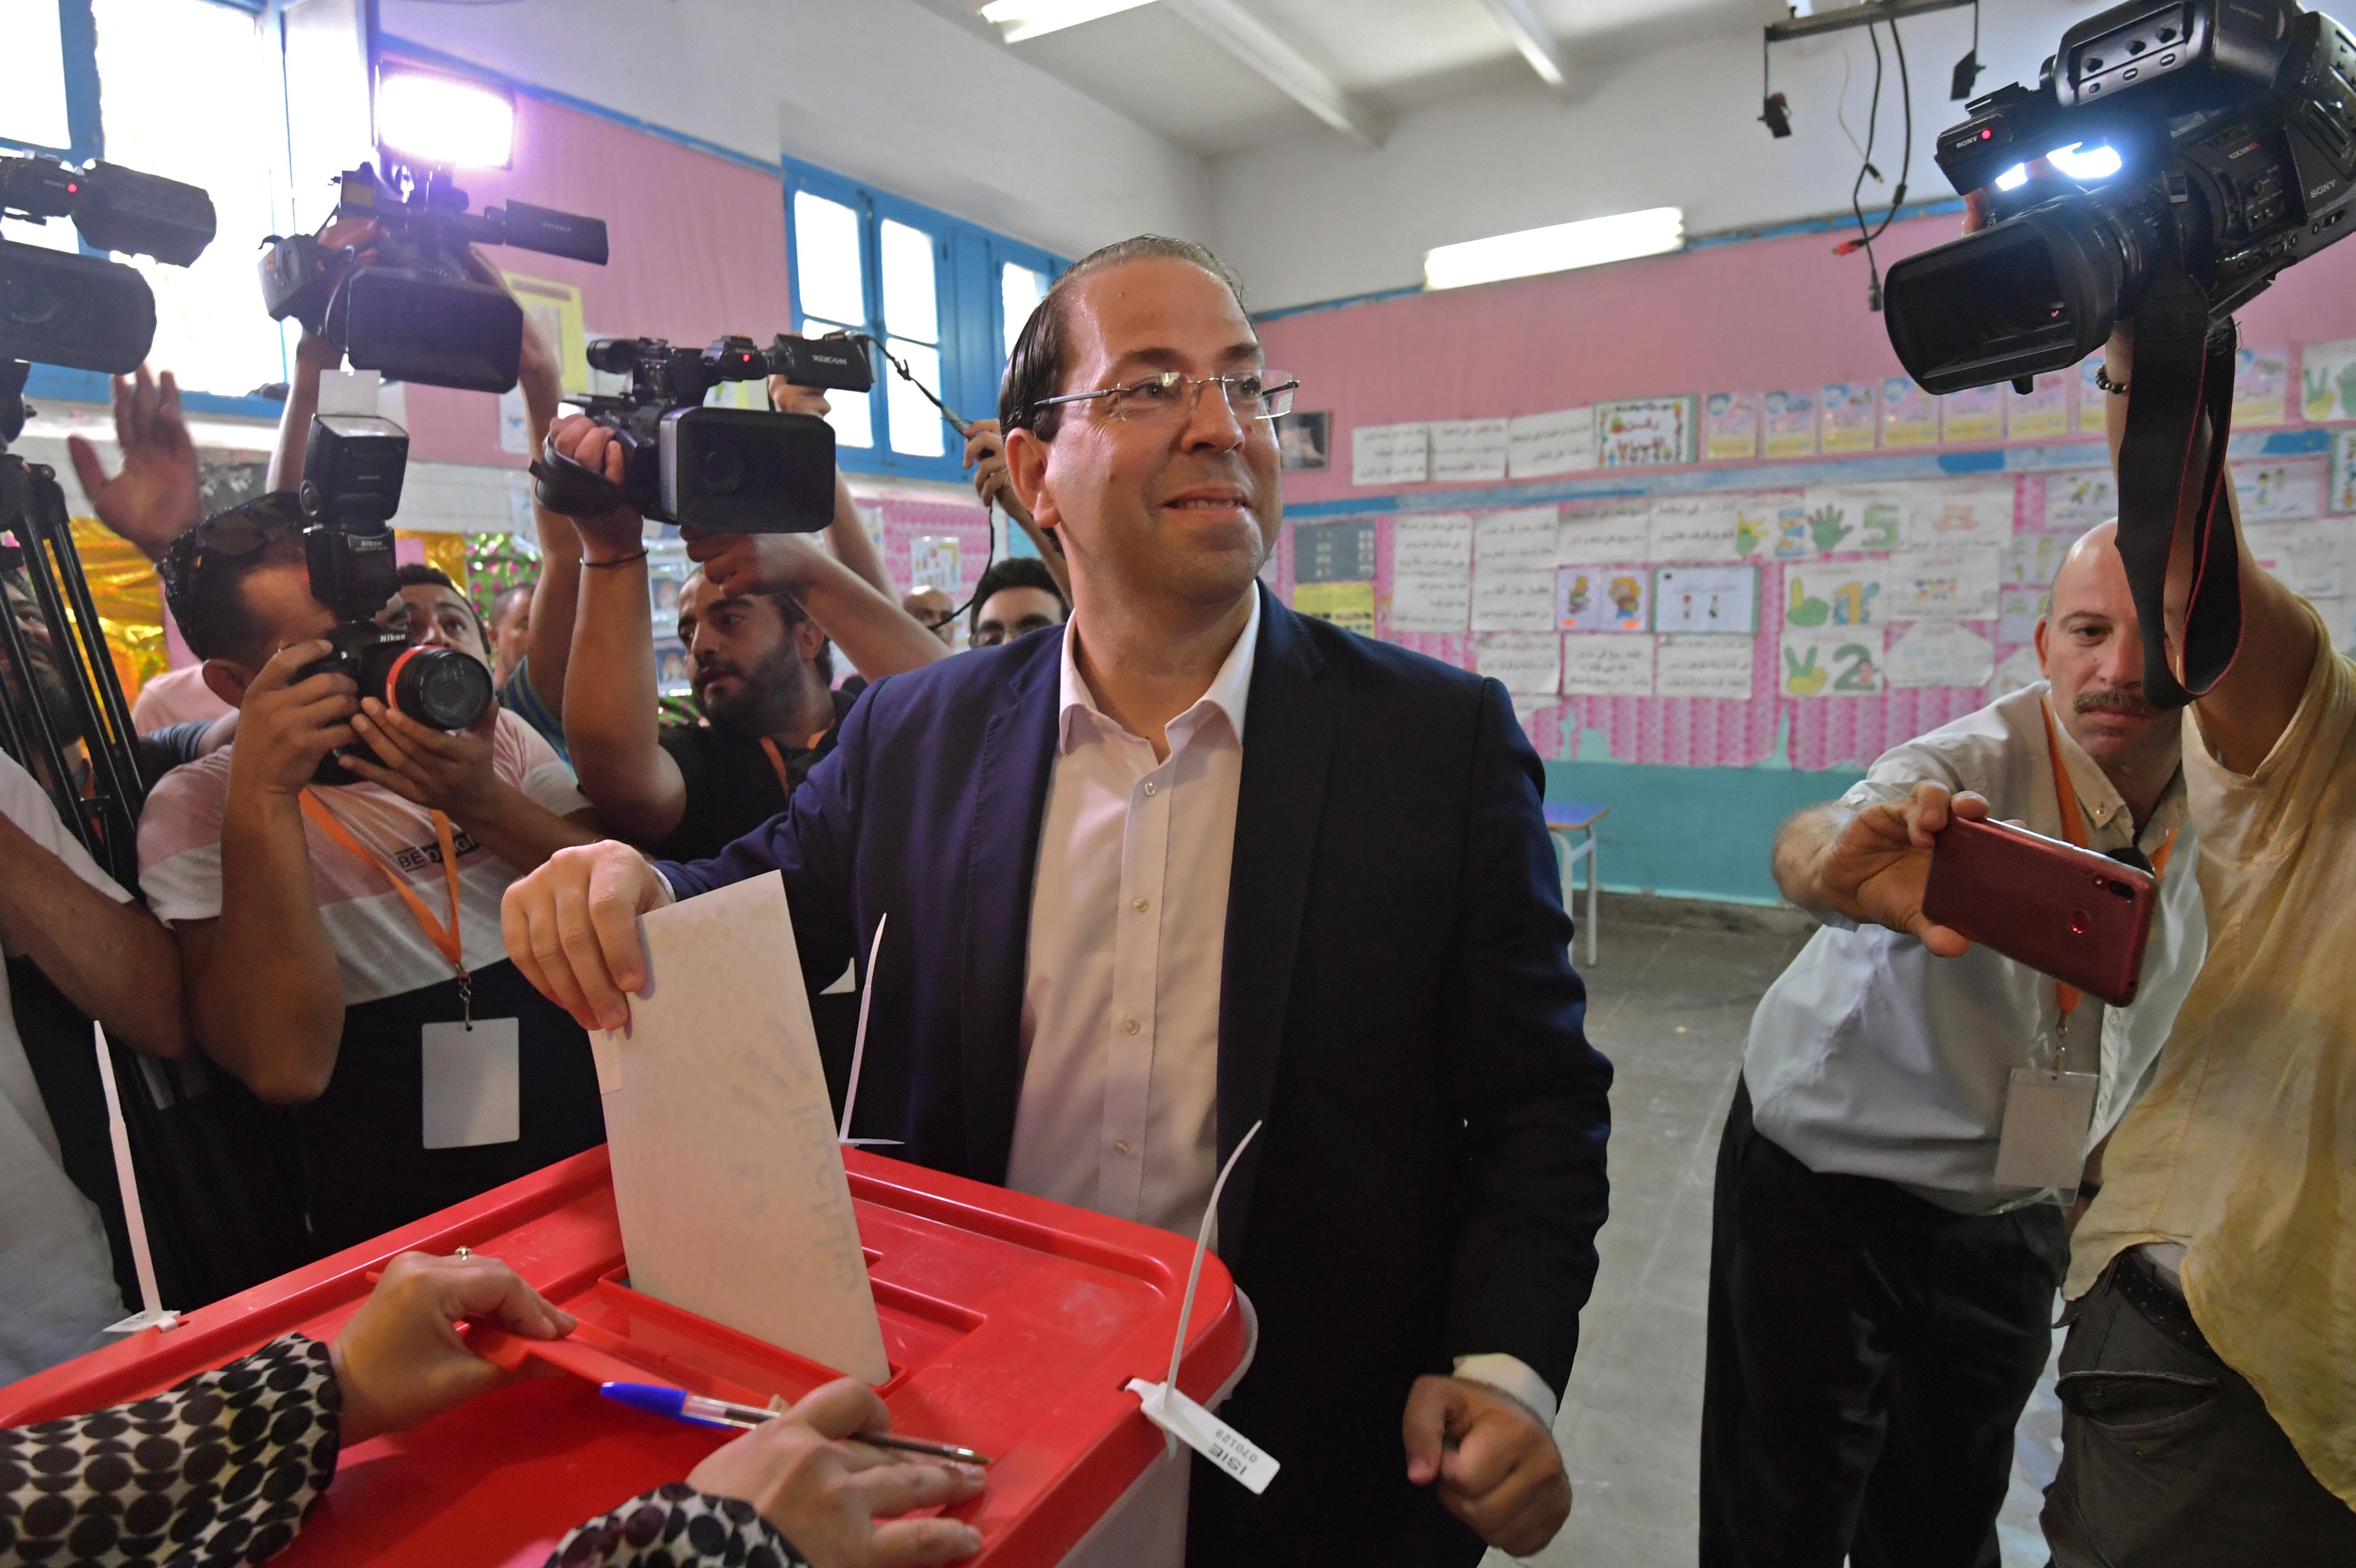 يوسف الشاهد (44 عاما) مرشح الانتخابات الرئاسية خلال عملية الاقتراع